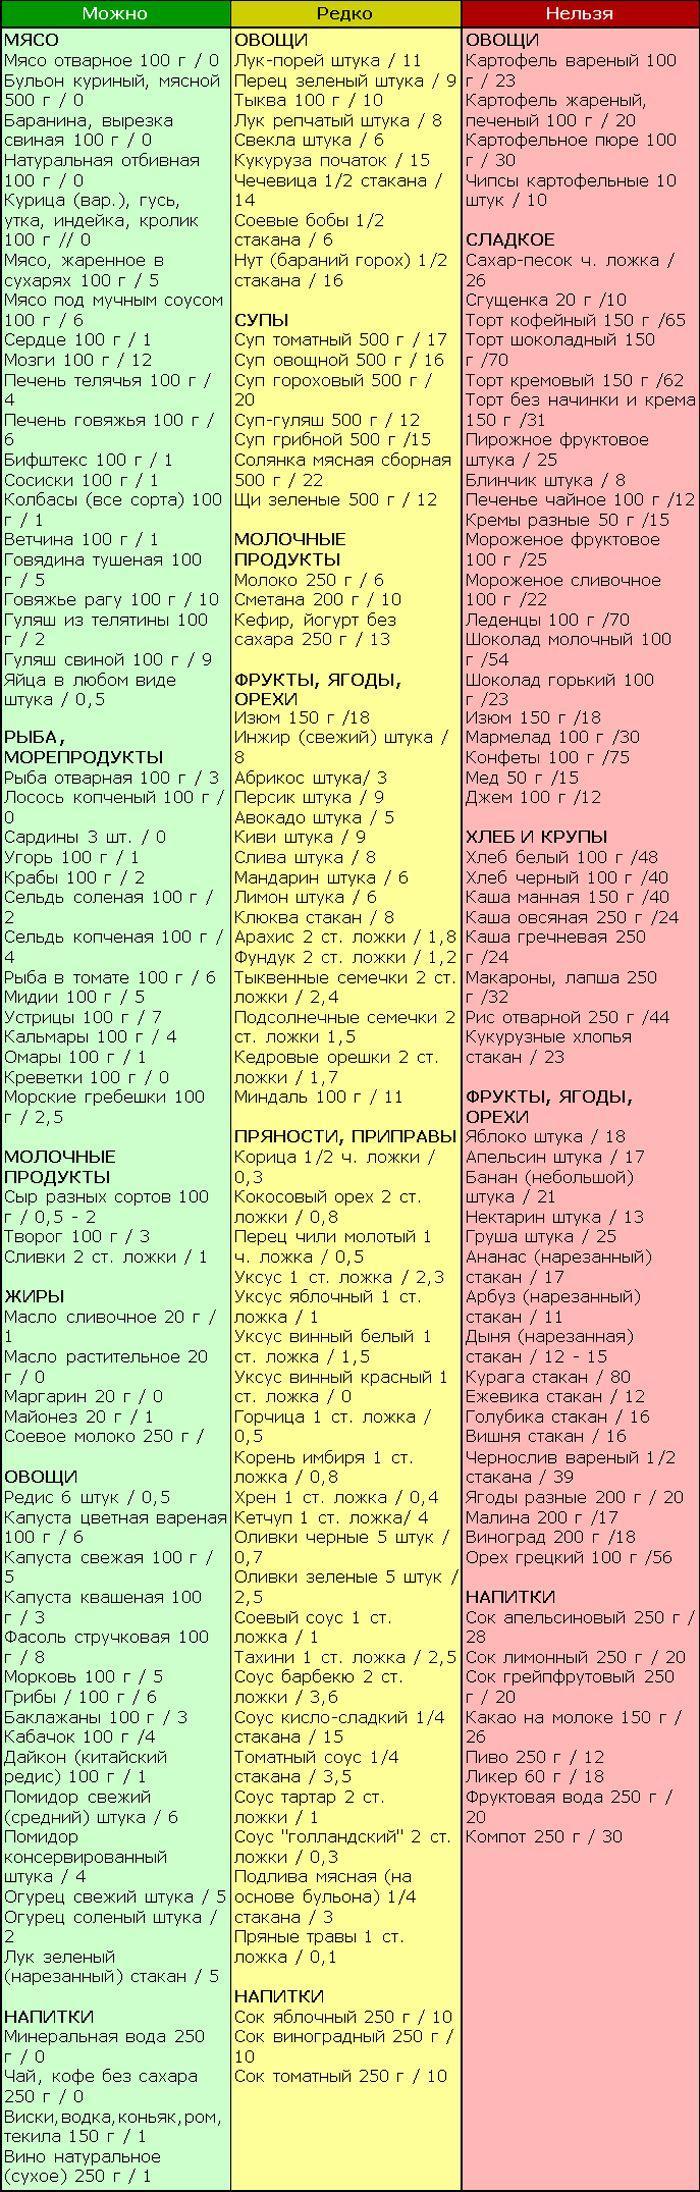 Атопический дерматит, или нейродермит